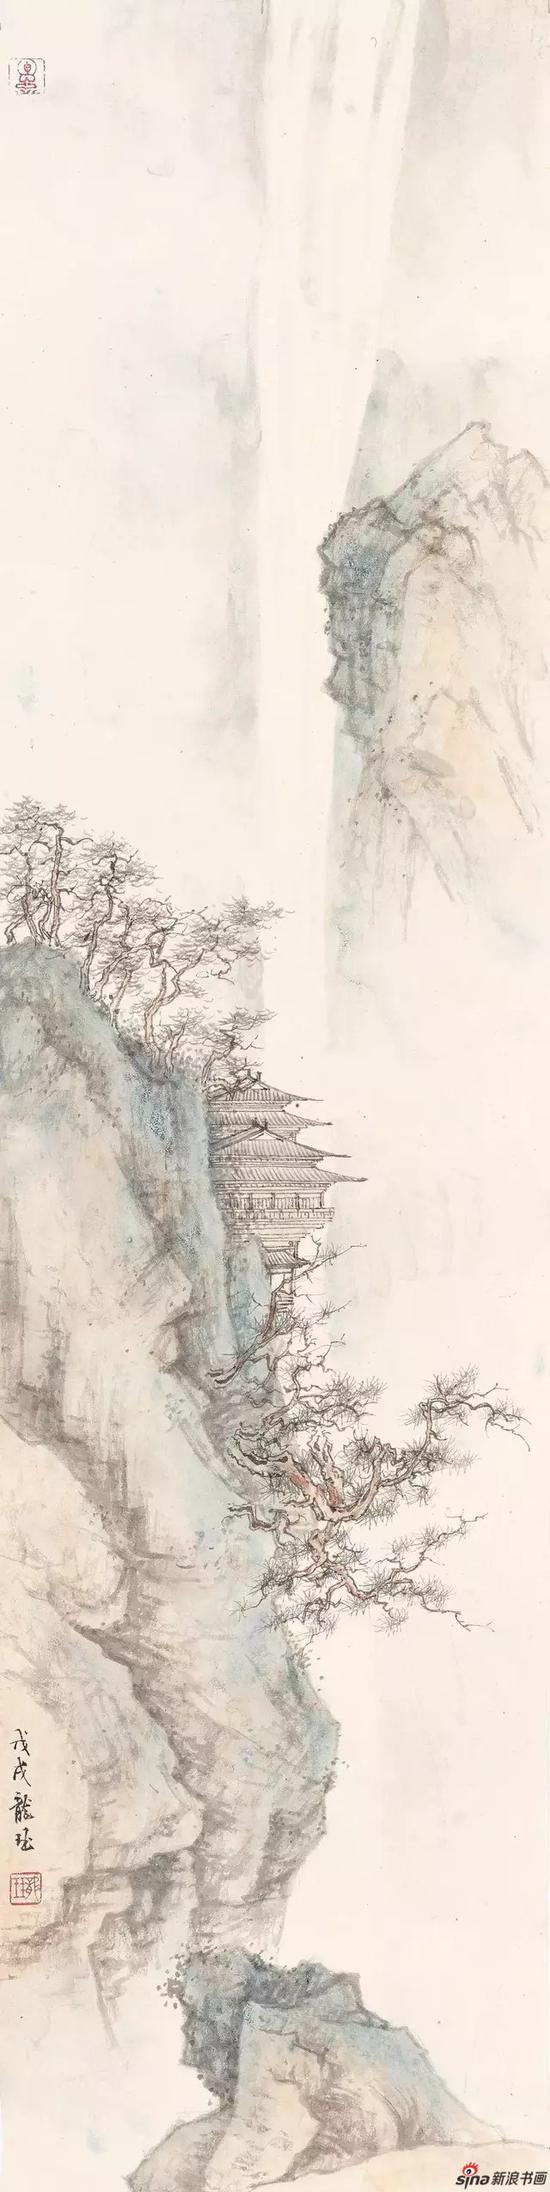 《水泻云涛》 纸本设色 93×23cm 2018年